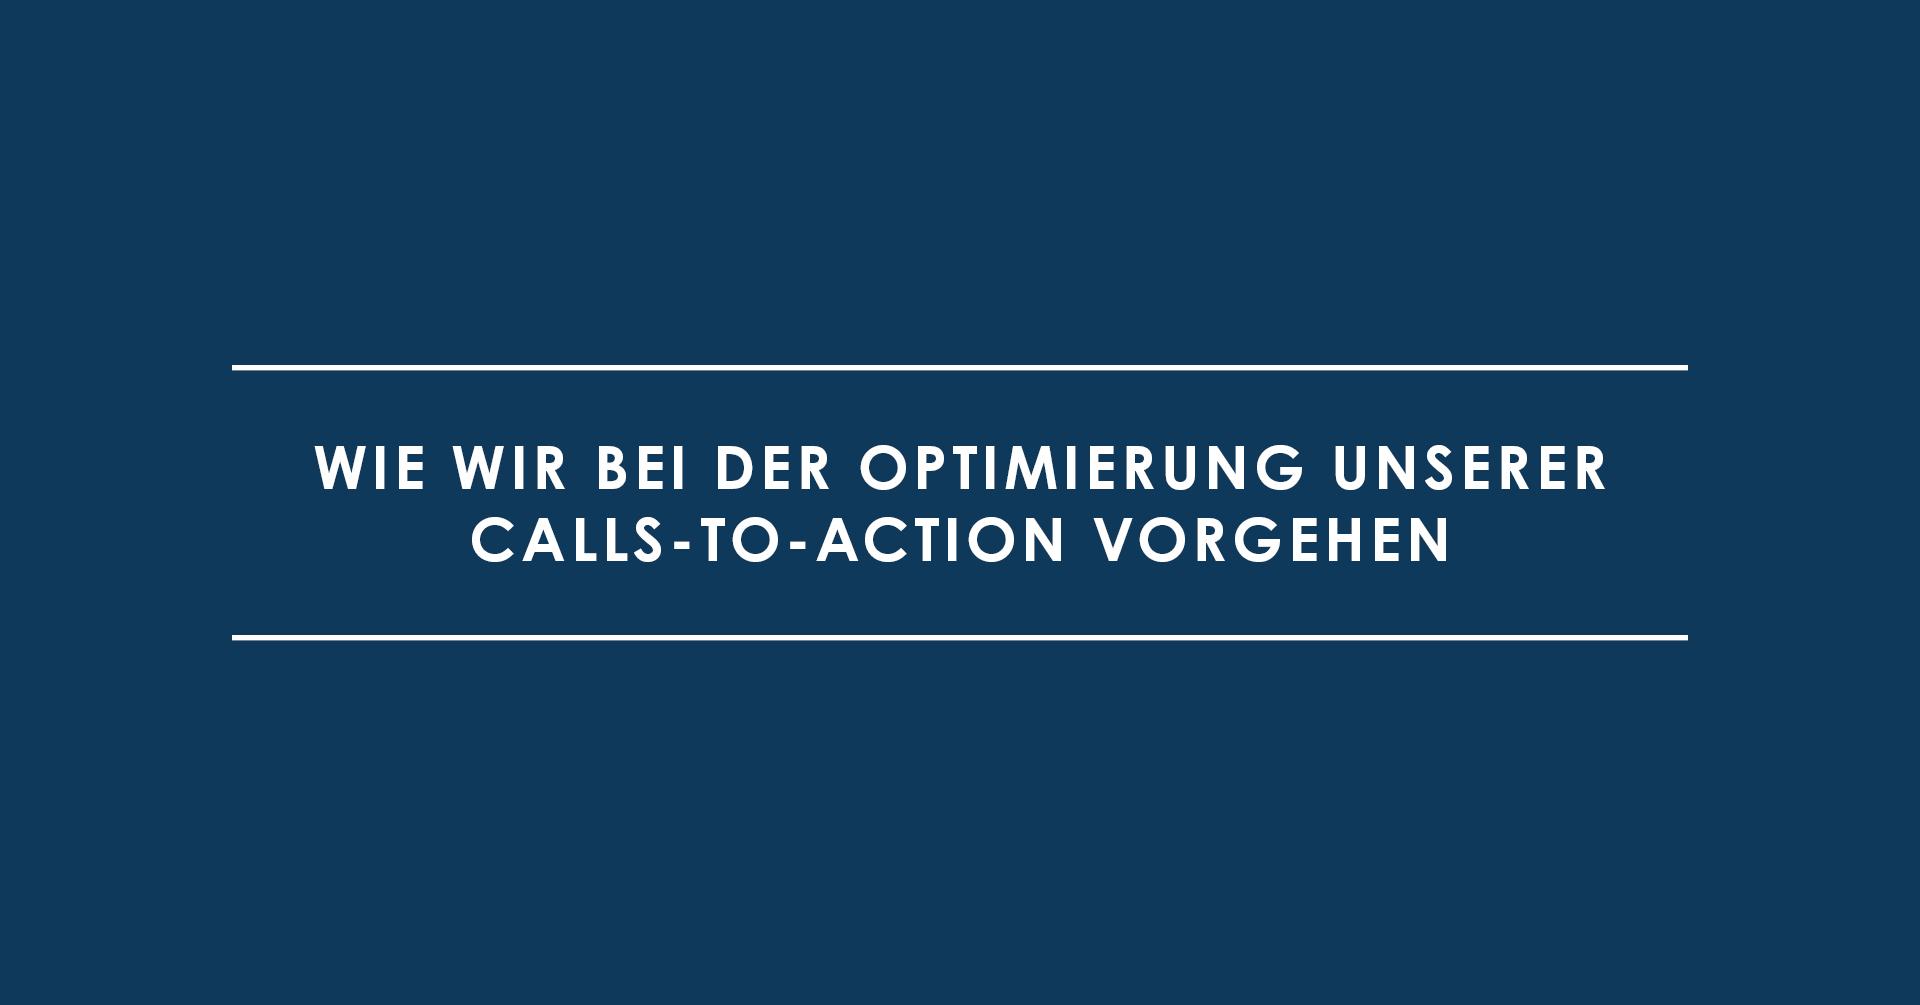 Wie wir bei der Optimierung unserer Calls-To-Action vorgehen